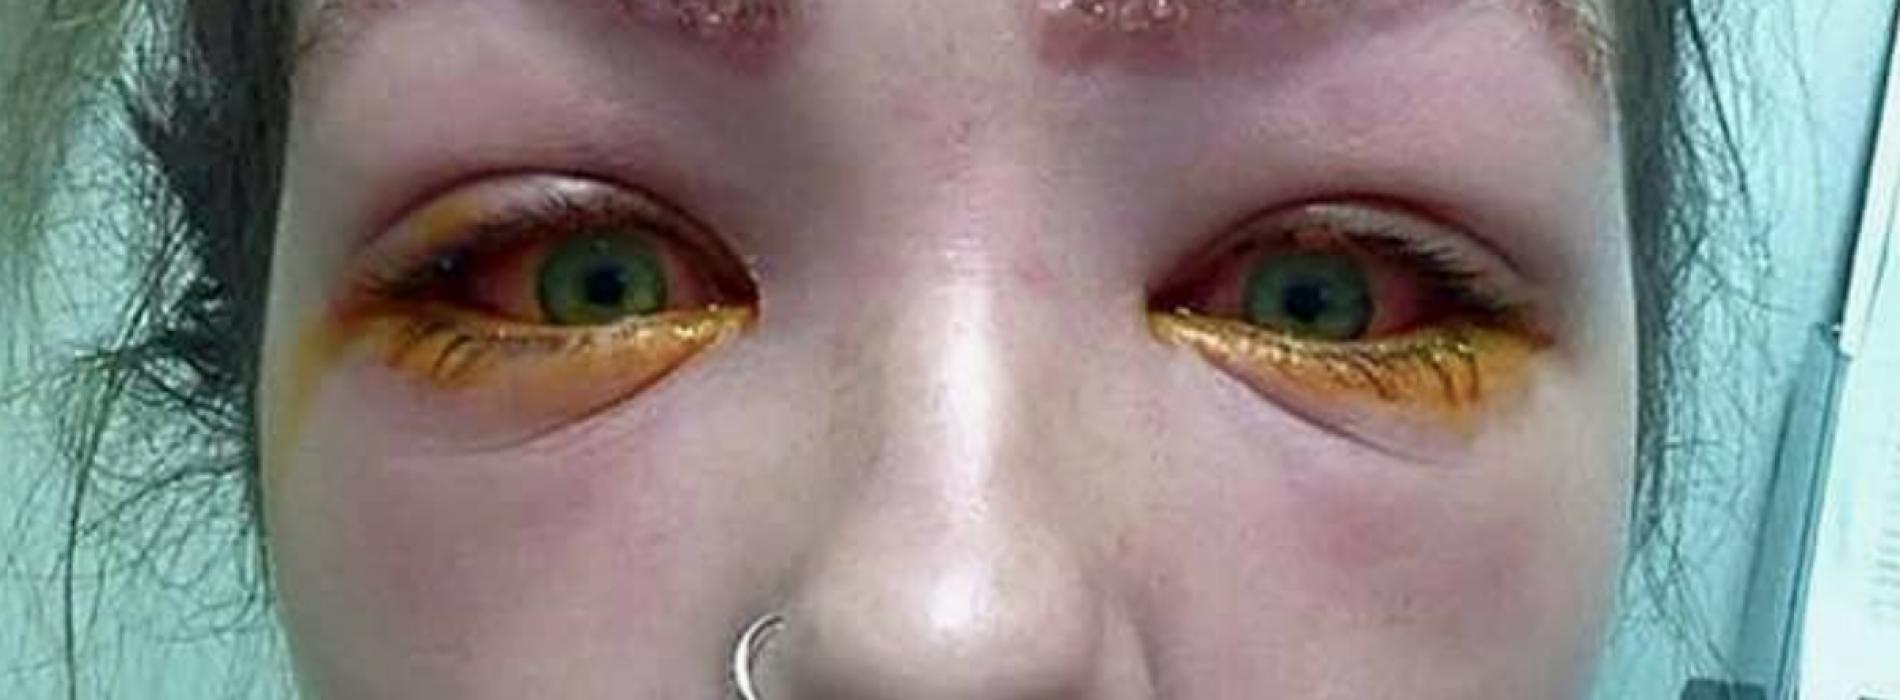 Ze werd 's ochtends wakker en er liep pus uit haar ogen. De oorzaak ligt bij een simpel product van de drogist.